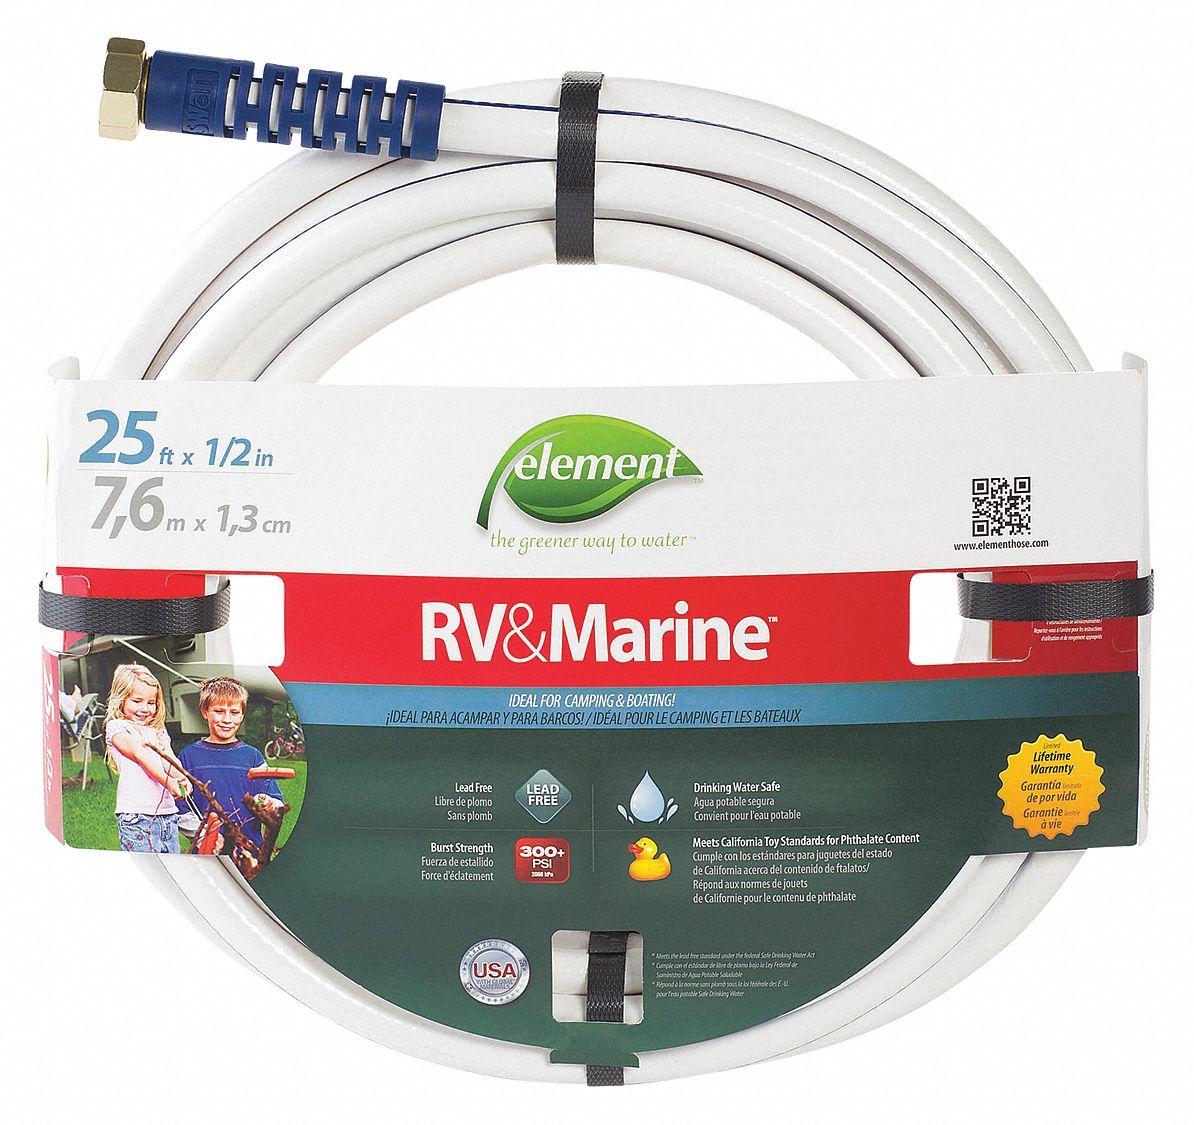 Water Hose, PVC, 300 Psi, White   6HFZ8|ELMRV12025   Grainger